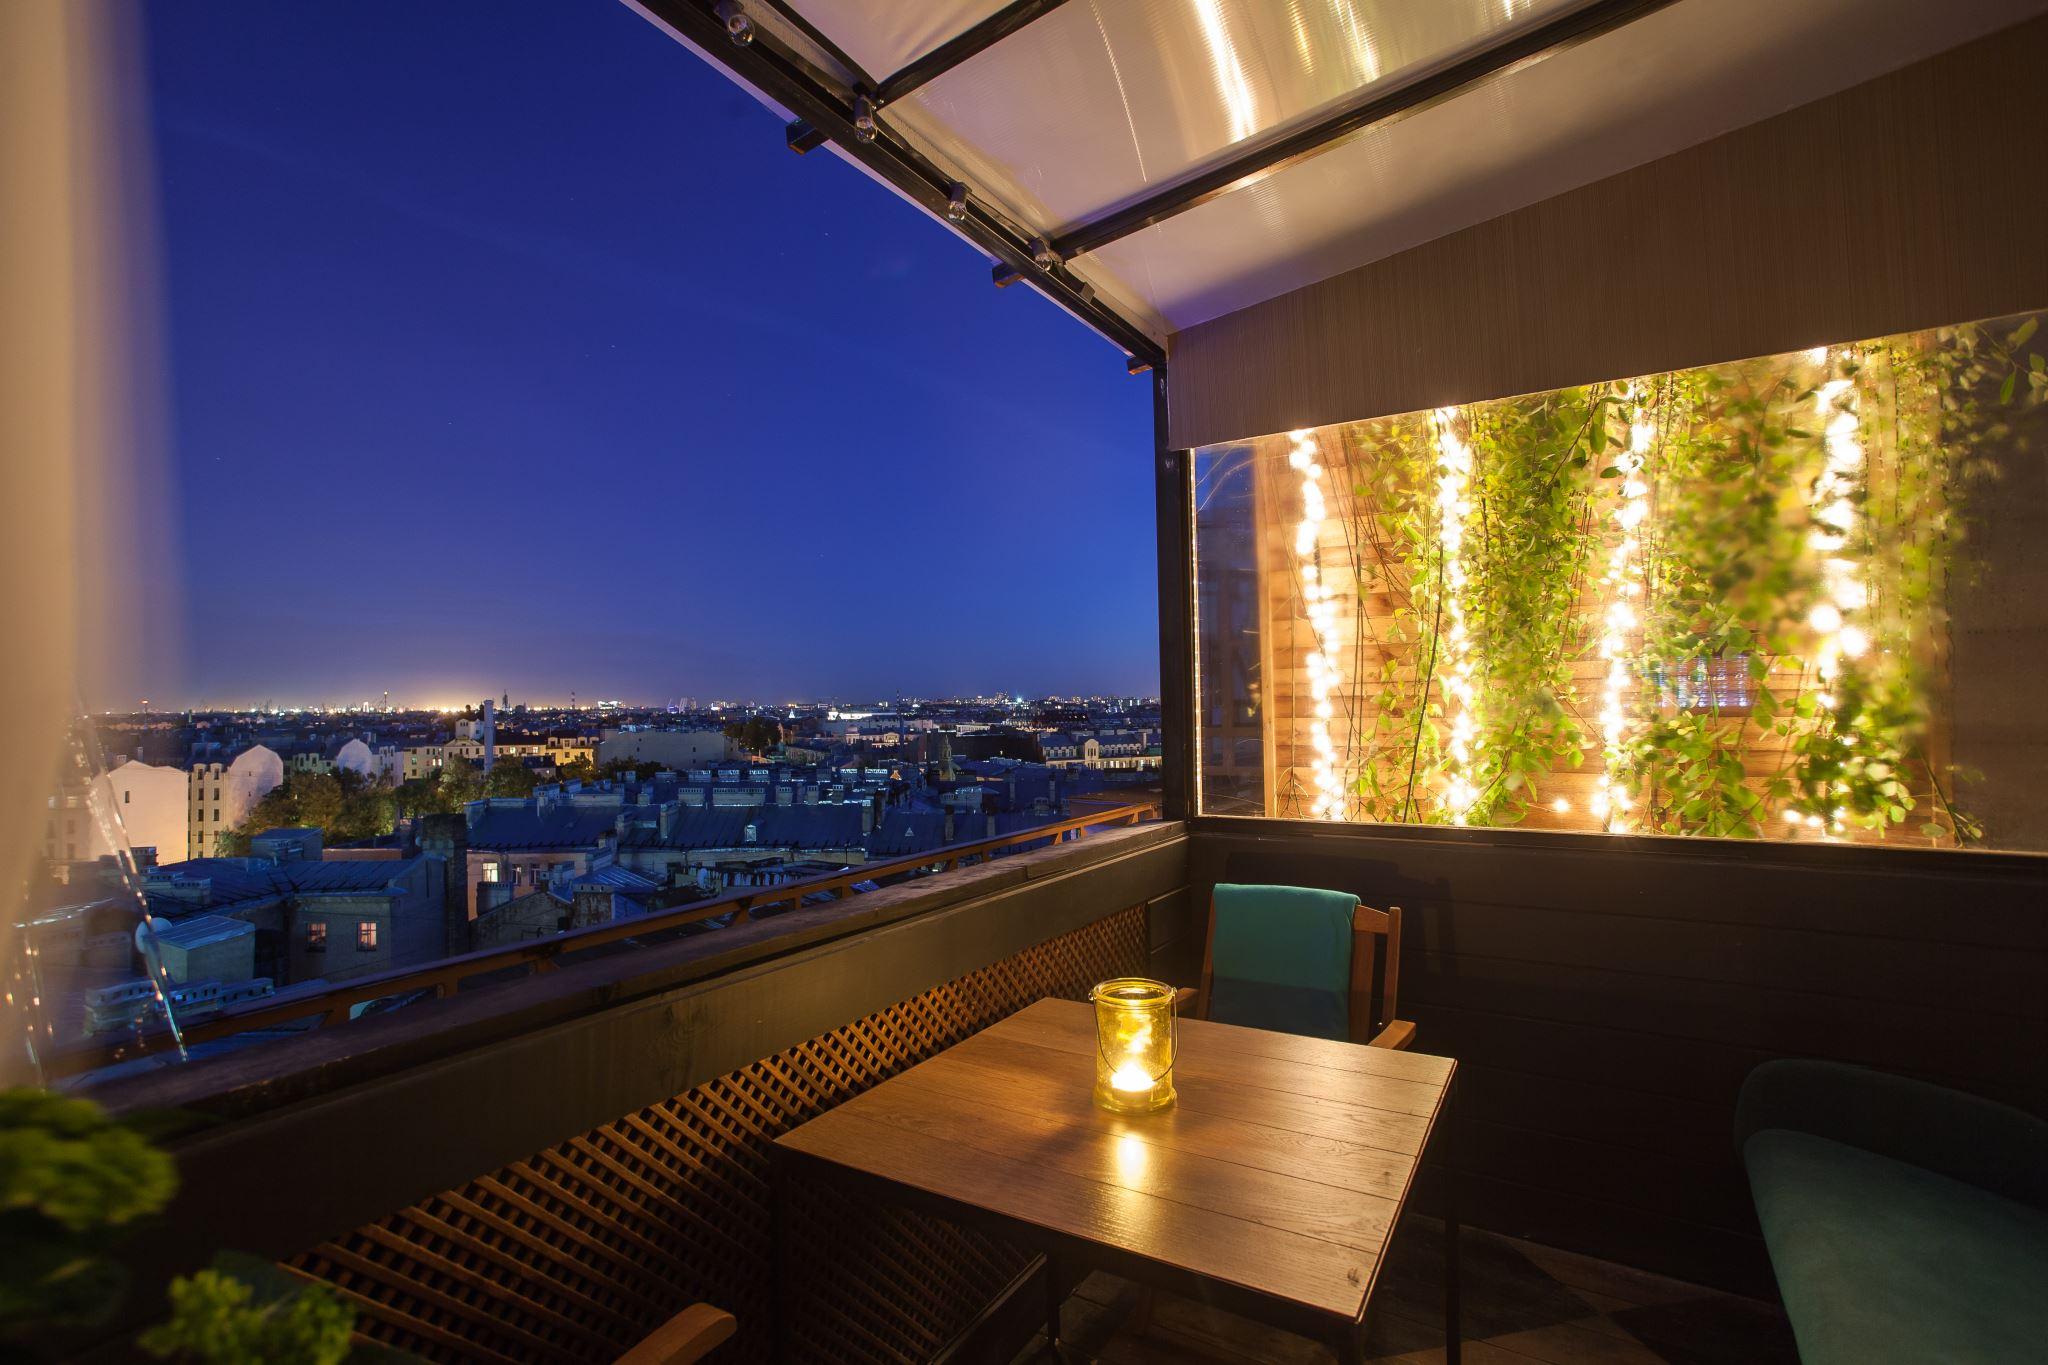 фото ночь терраса ростки зеленоватого